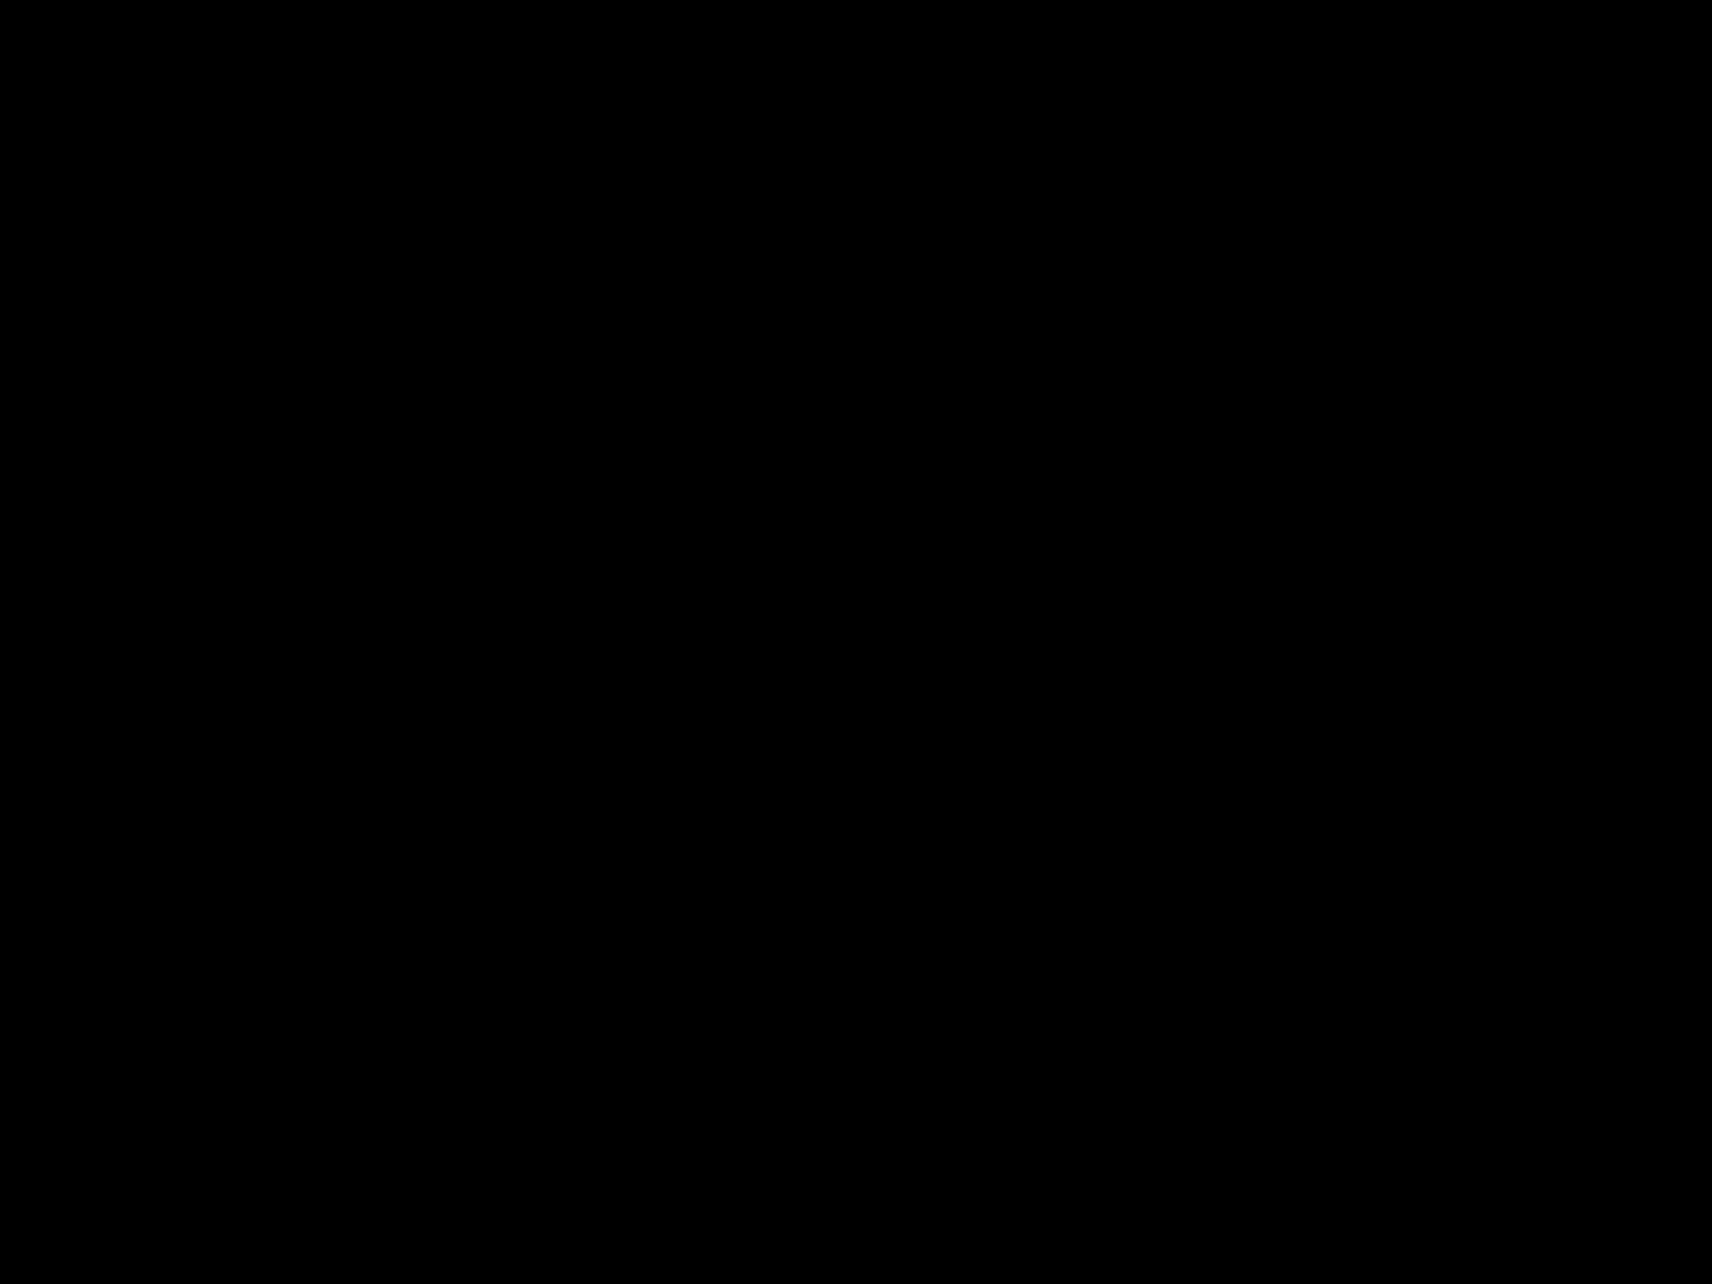 72491_10.jpg